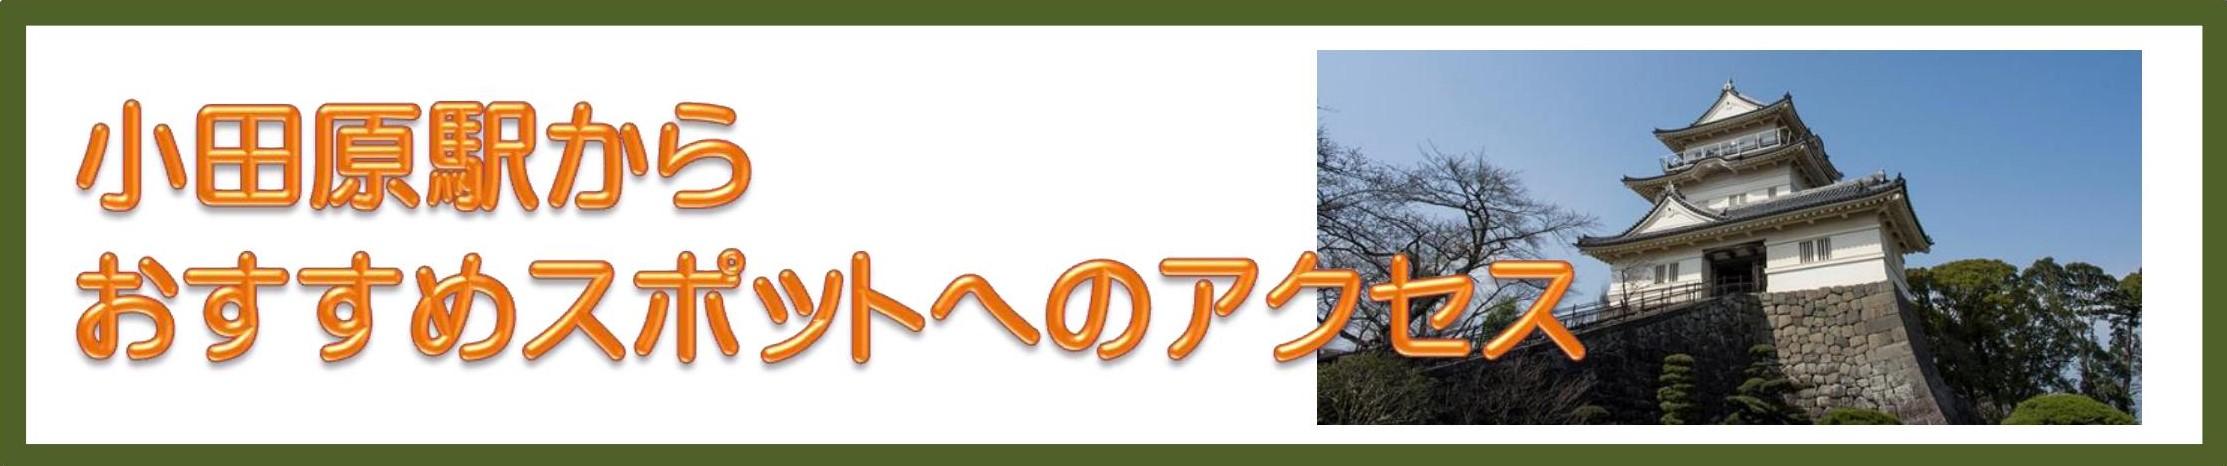 豊橋金券ショップフリーチケット|小田原駅